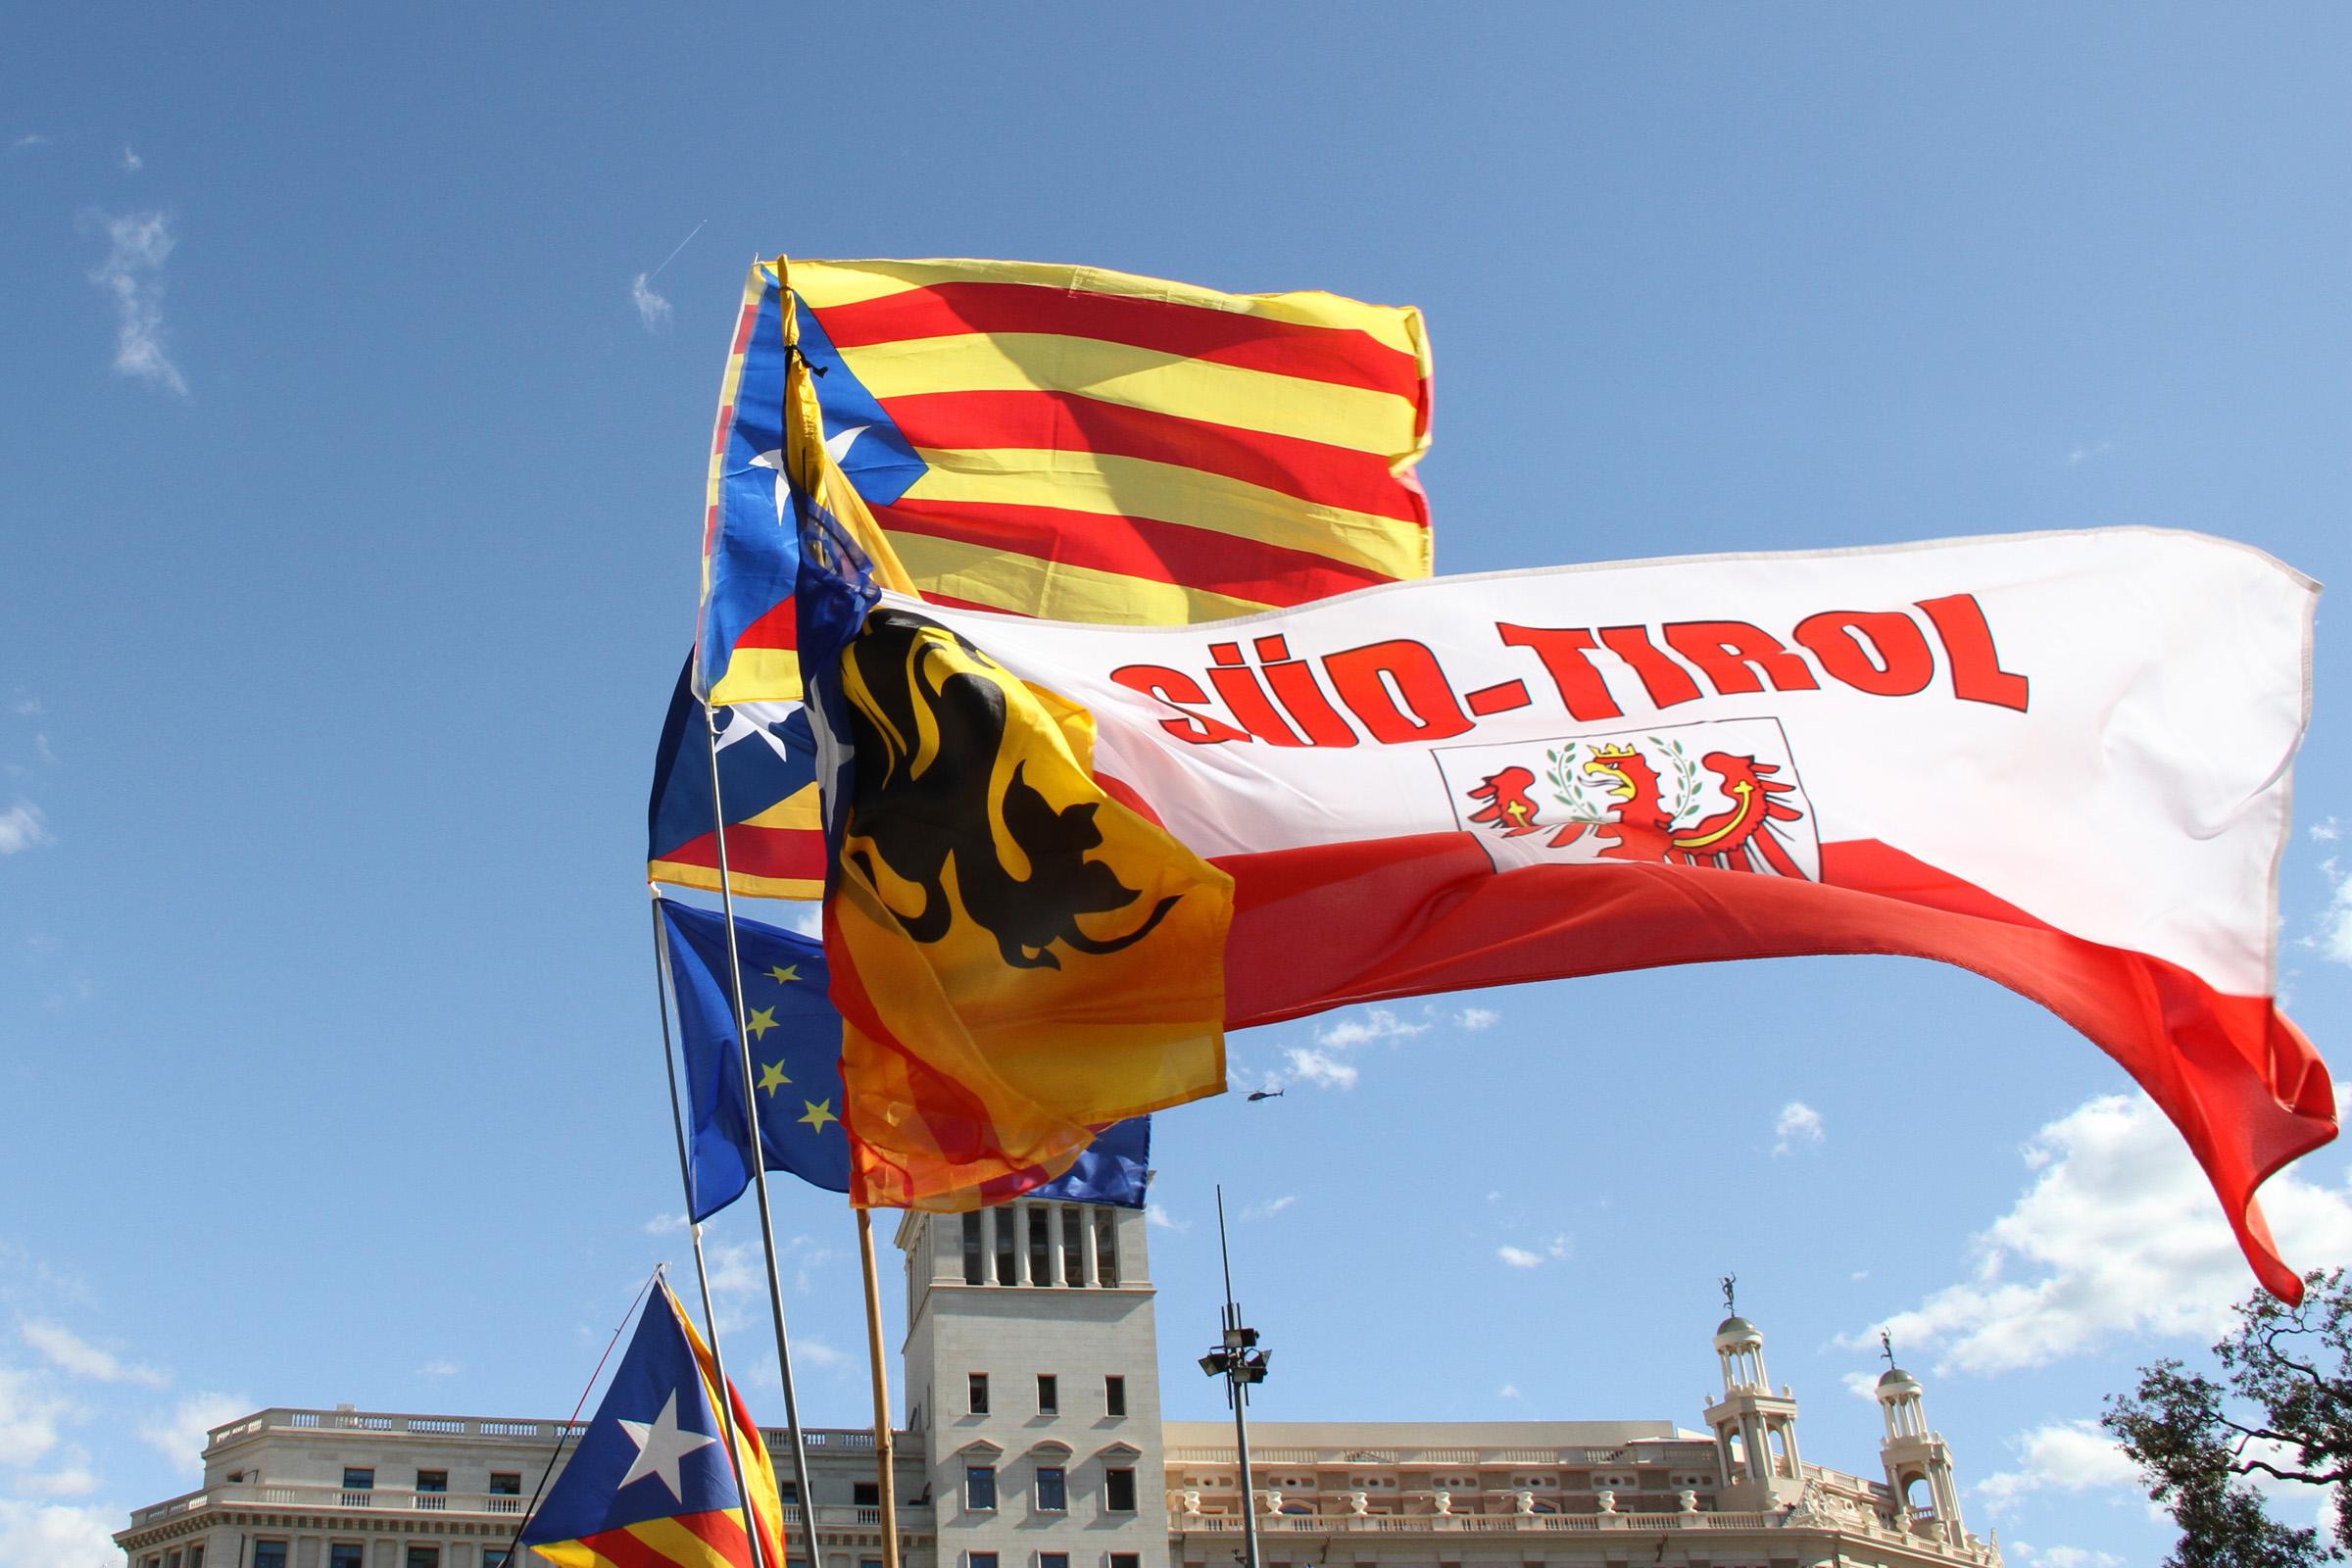 Schützen bei Diada in Katalonien – Werden bei Abstimmung als Wahlbeobachter agieren.